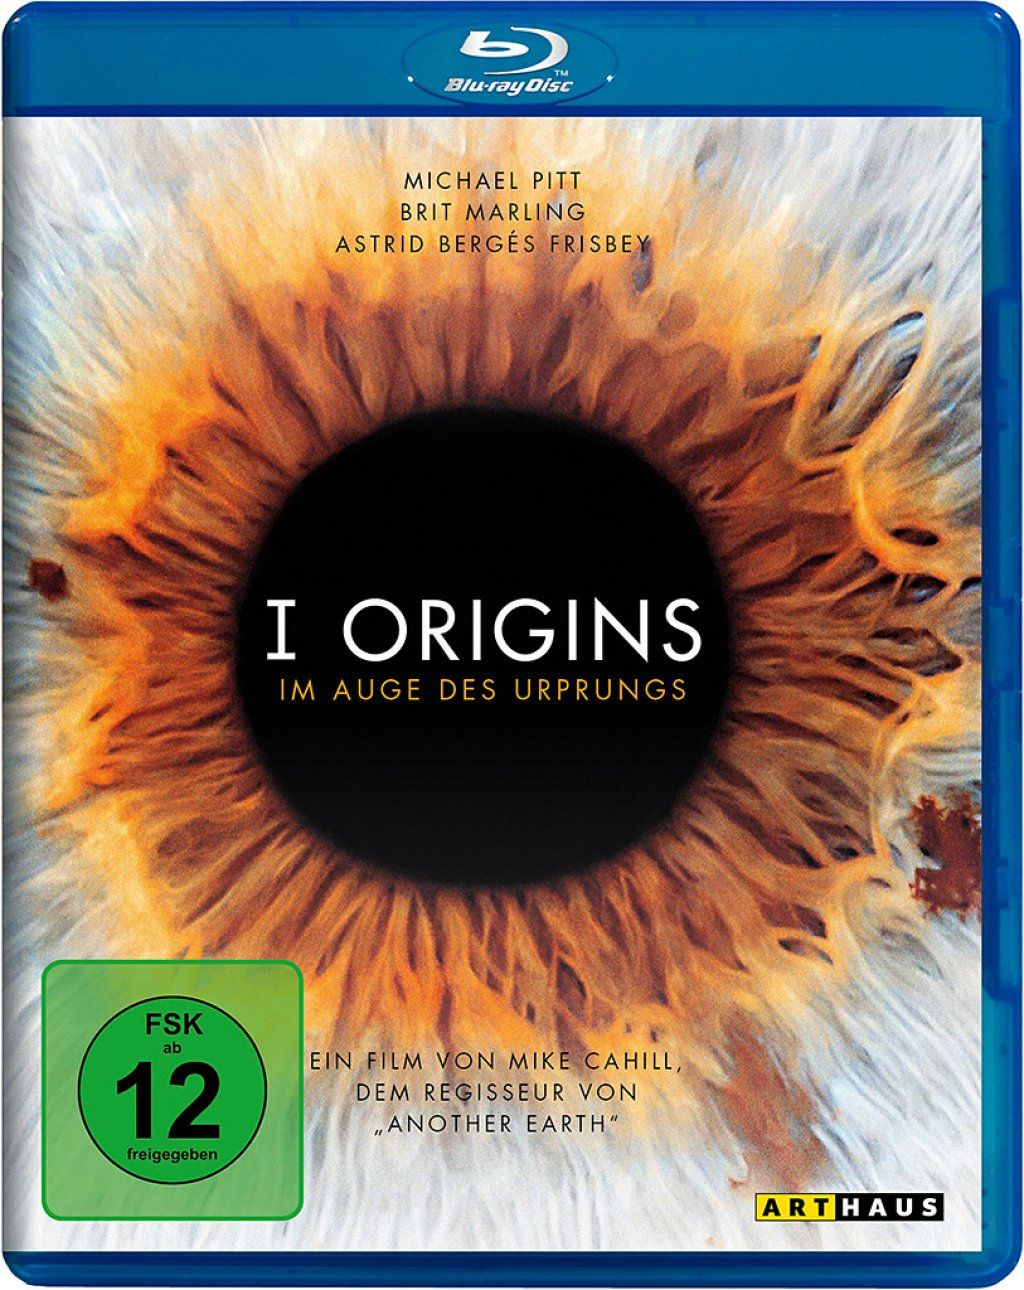 I Origins - Im Auge des Ursprungs (BLURAY)